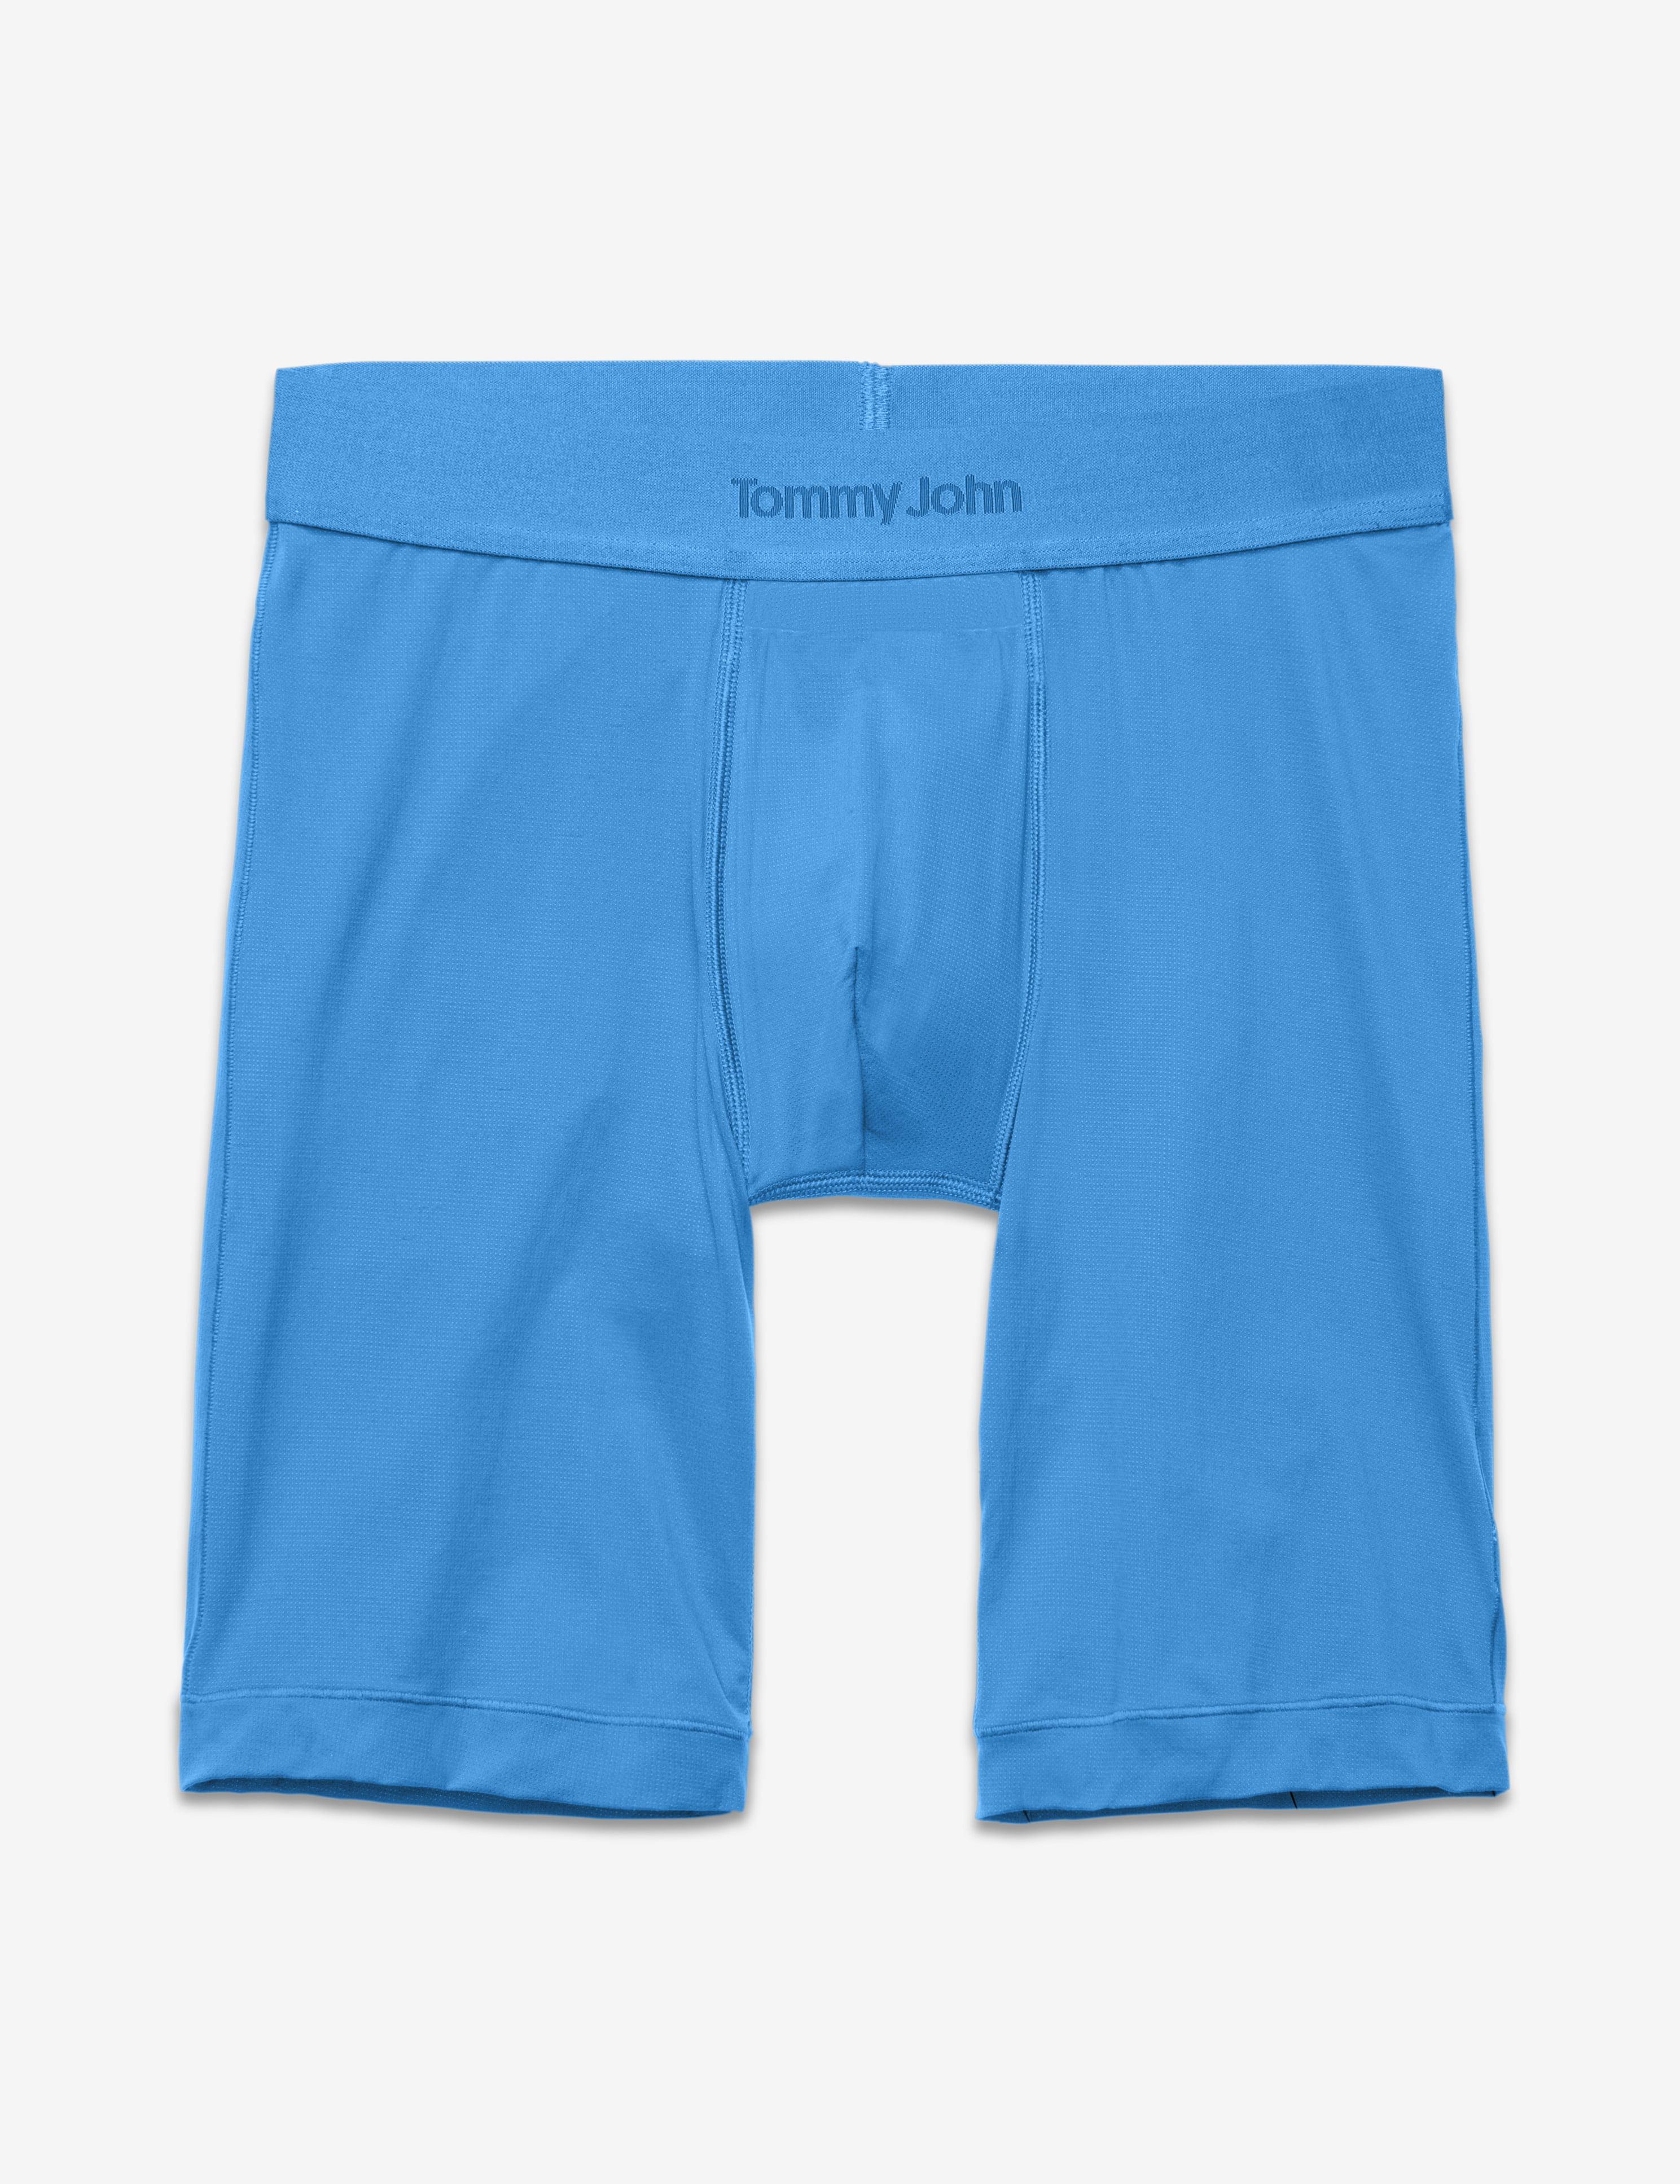 tommy-john-air-blue-underwear-boxer-briefs